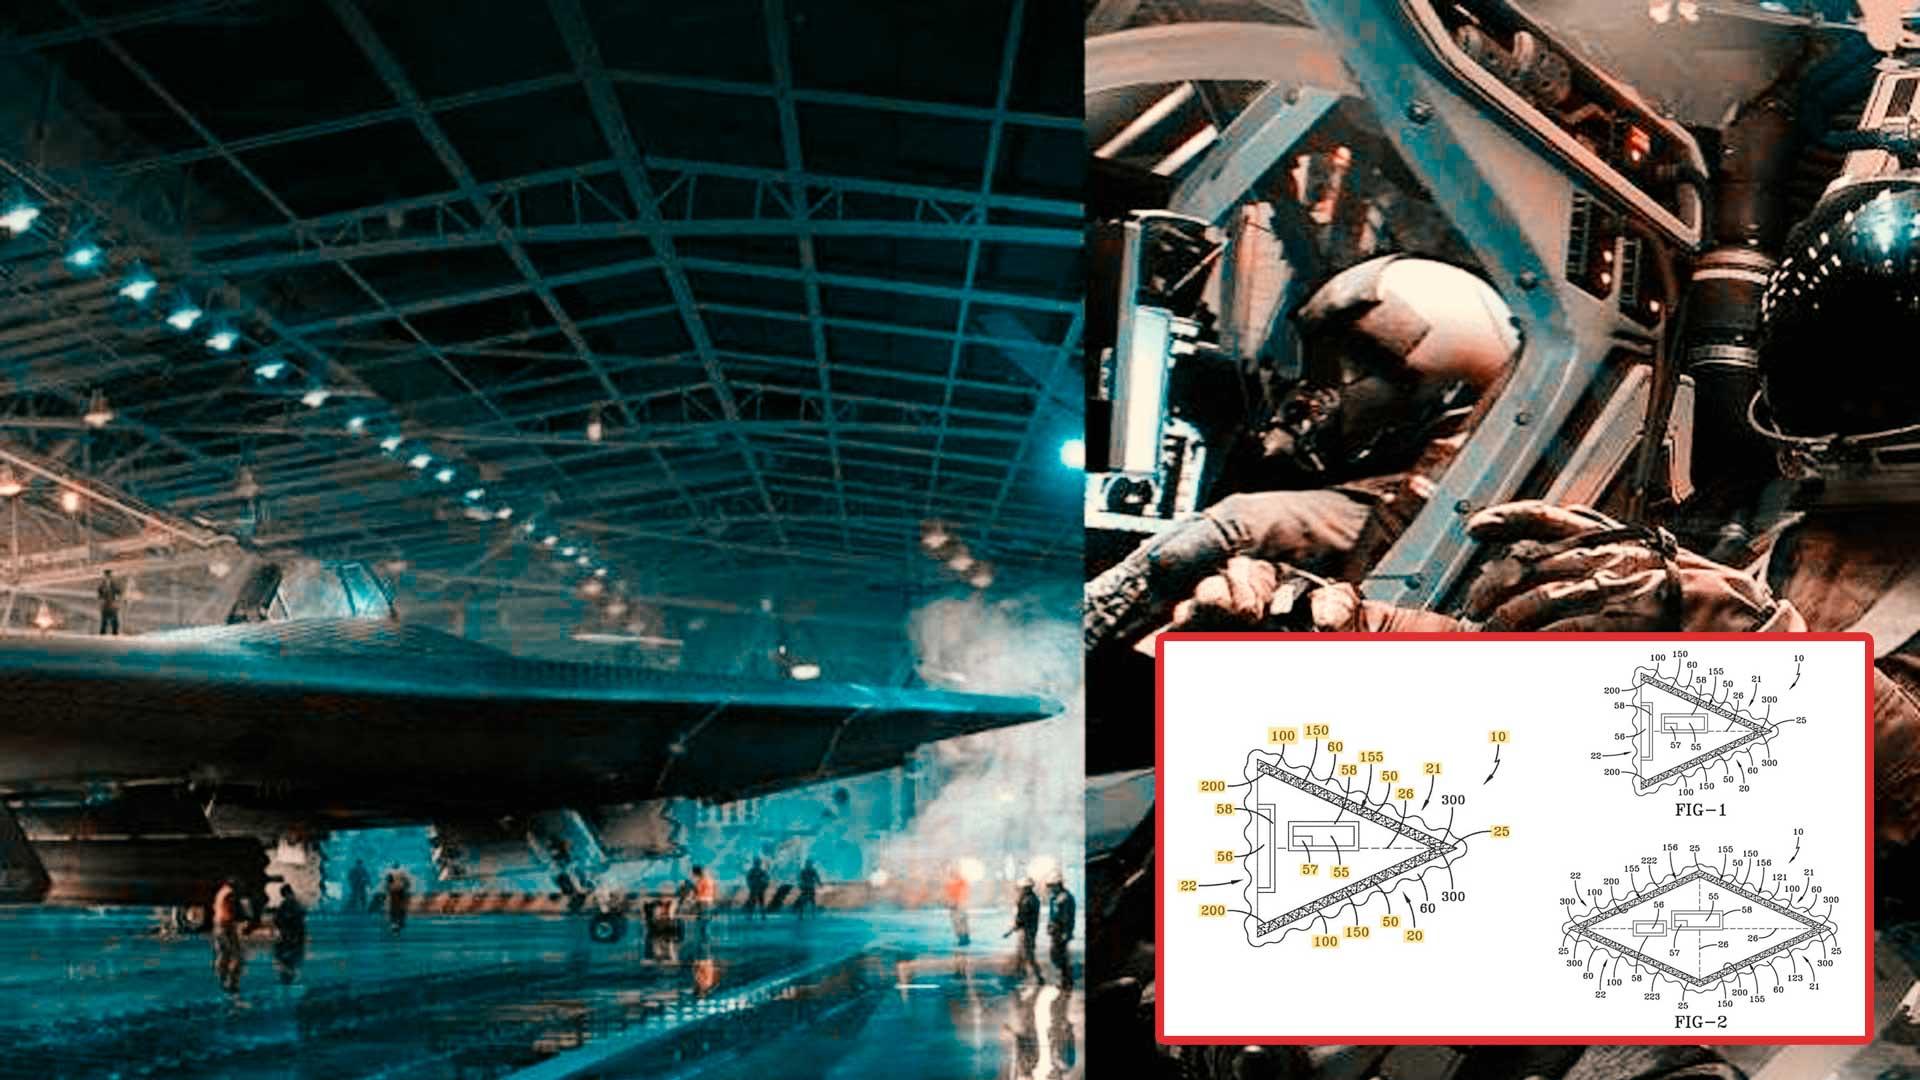 EEUU hace oficial patente de avión basado en tecnología OVNI